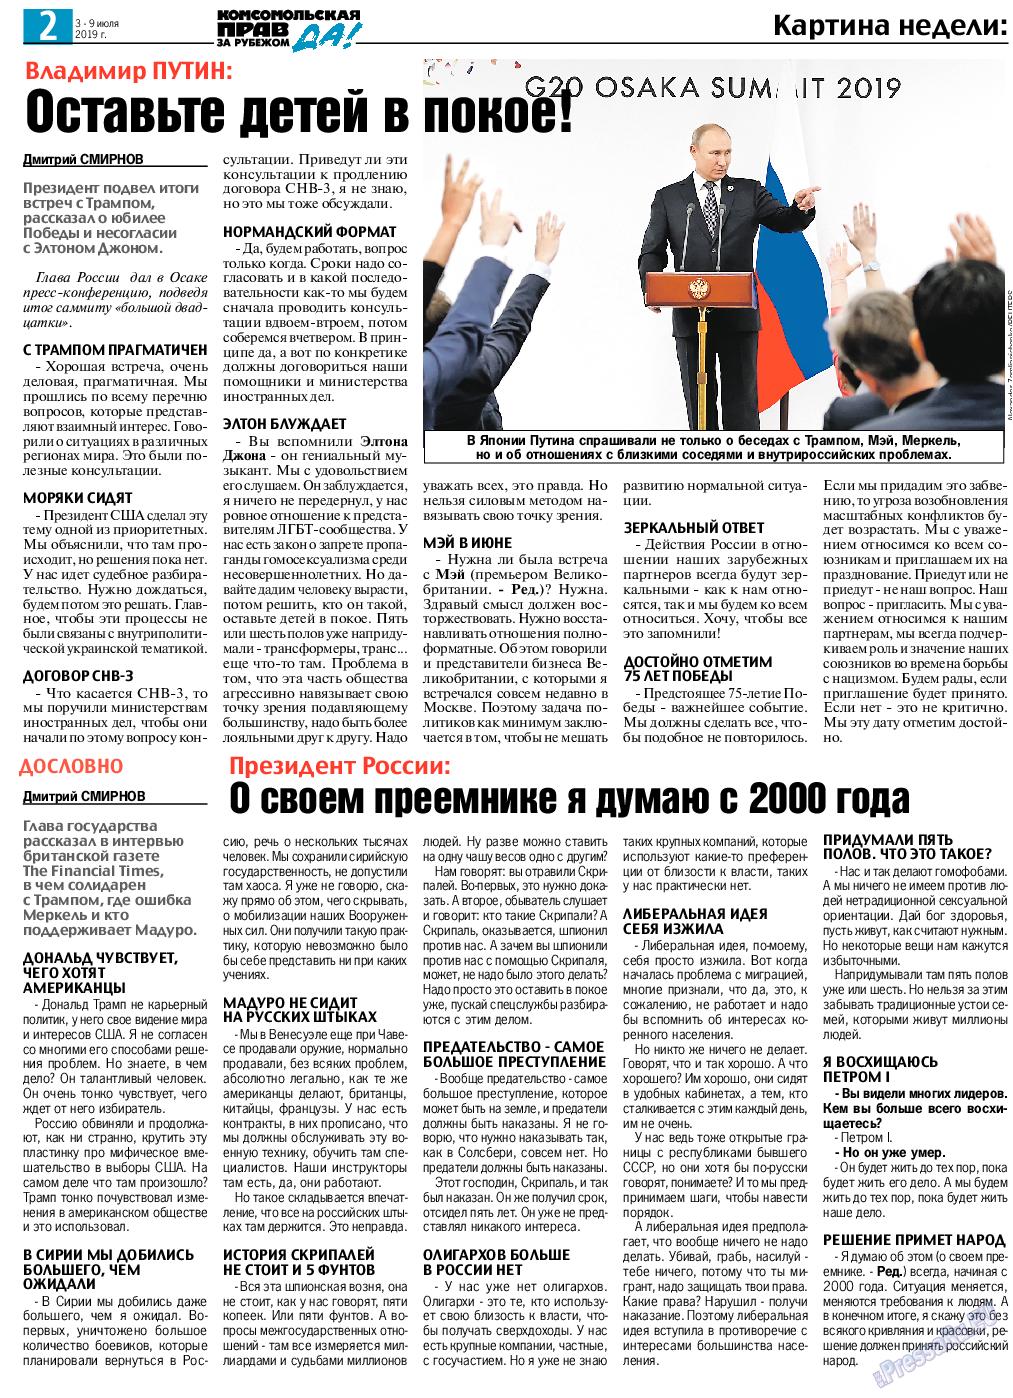 КП в Европе (газета). 2019 год, номер 27, стр. 2